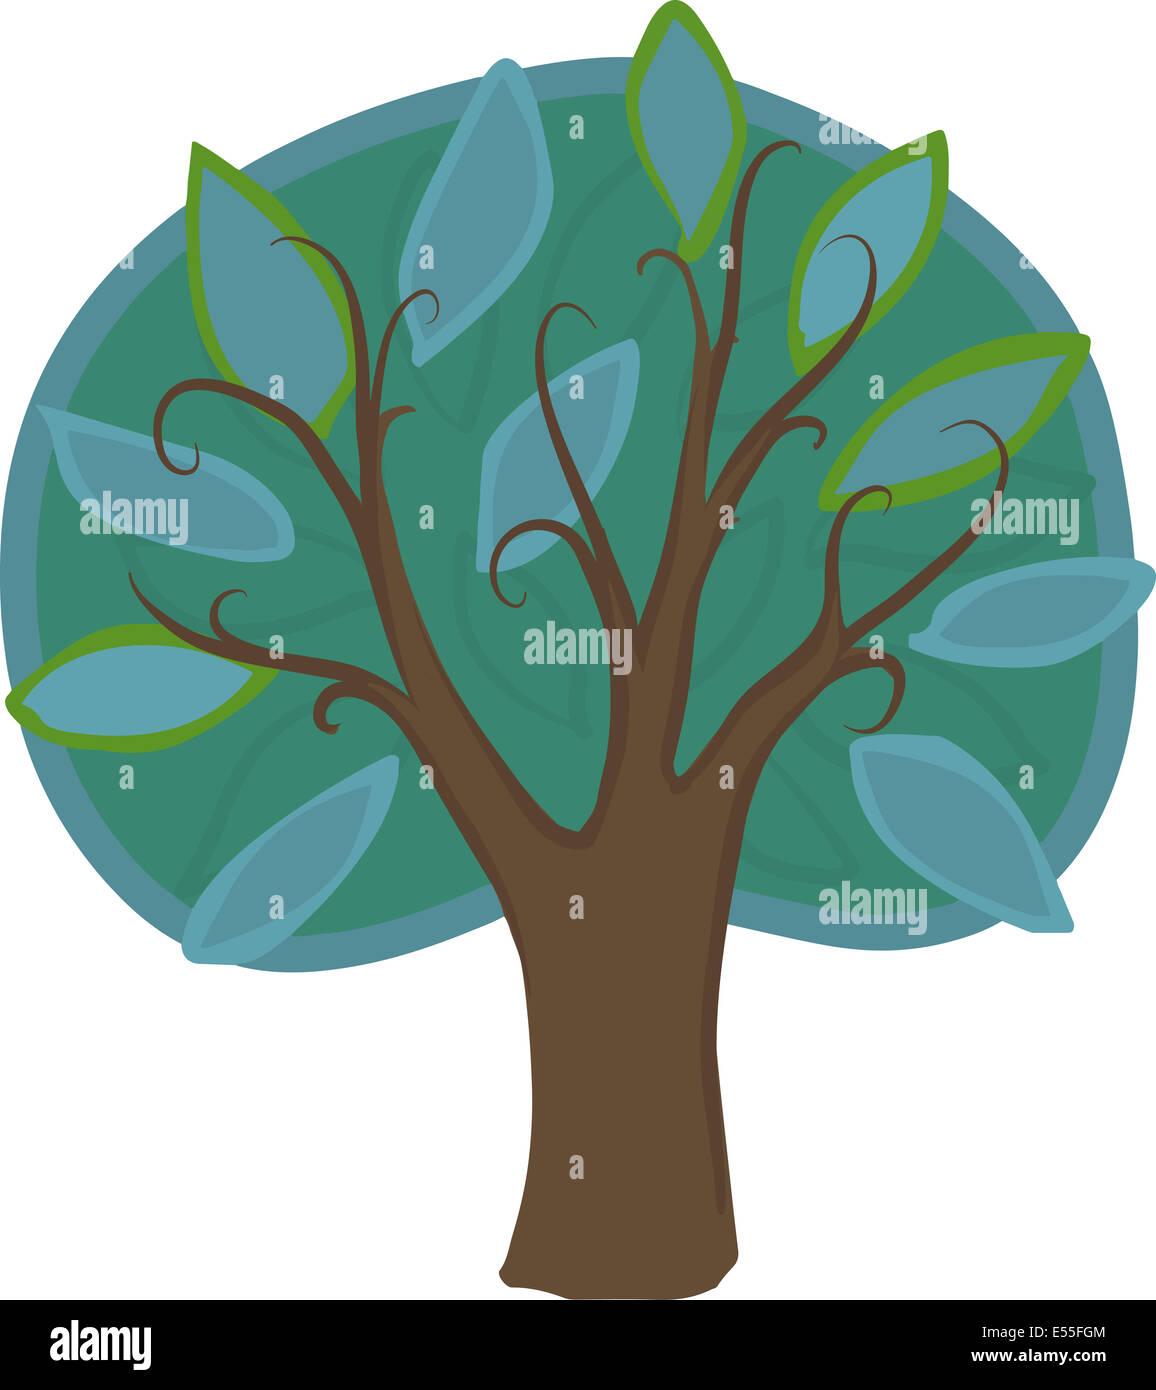 Ilustración de un árbol caducifolio de dibujos animados con luz y color  verde oscuro y hojas de color azul, marrón, tronco y ramas. Aislados  Fotografía de stock - Alamy